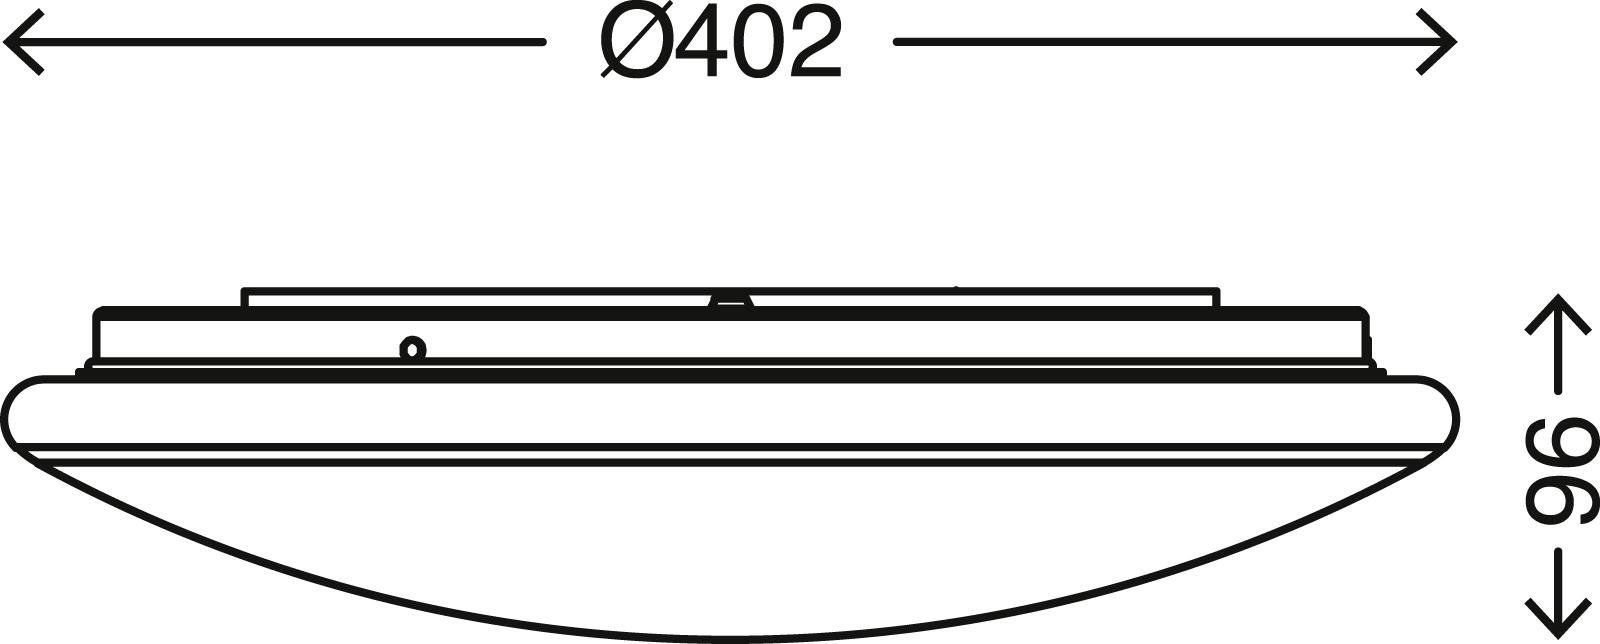 TELEFUNKEN Sensor LED Deckenleuchte, Ø 40,2 cm, 20 W, Weiß